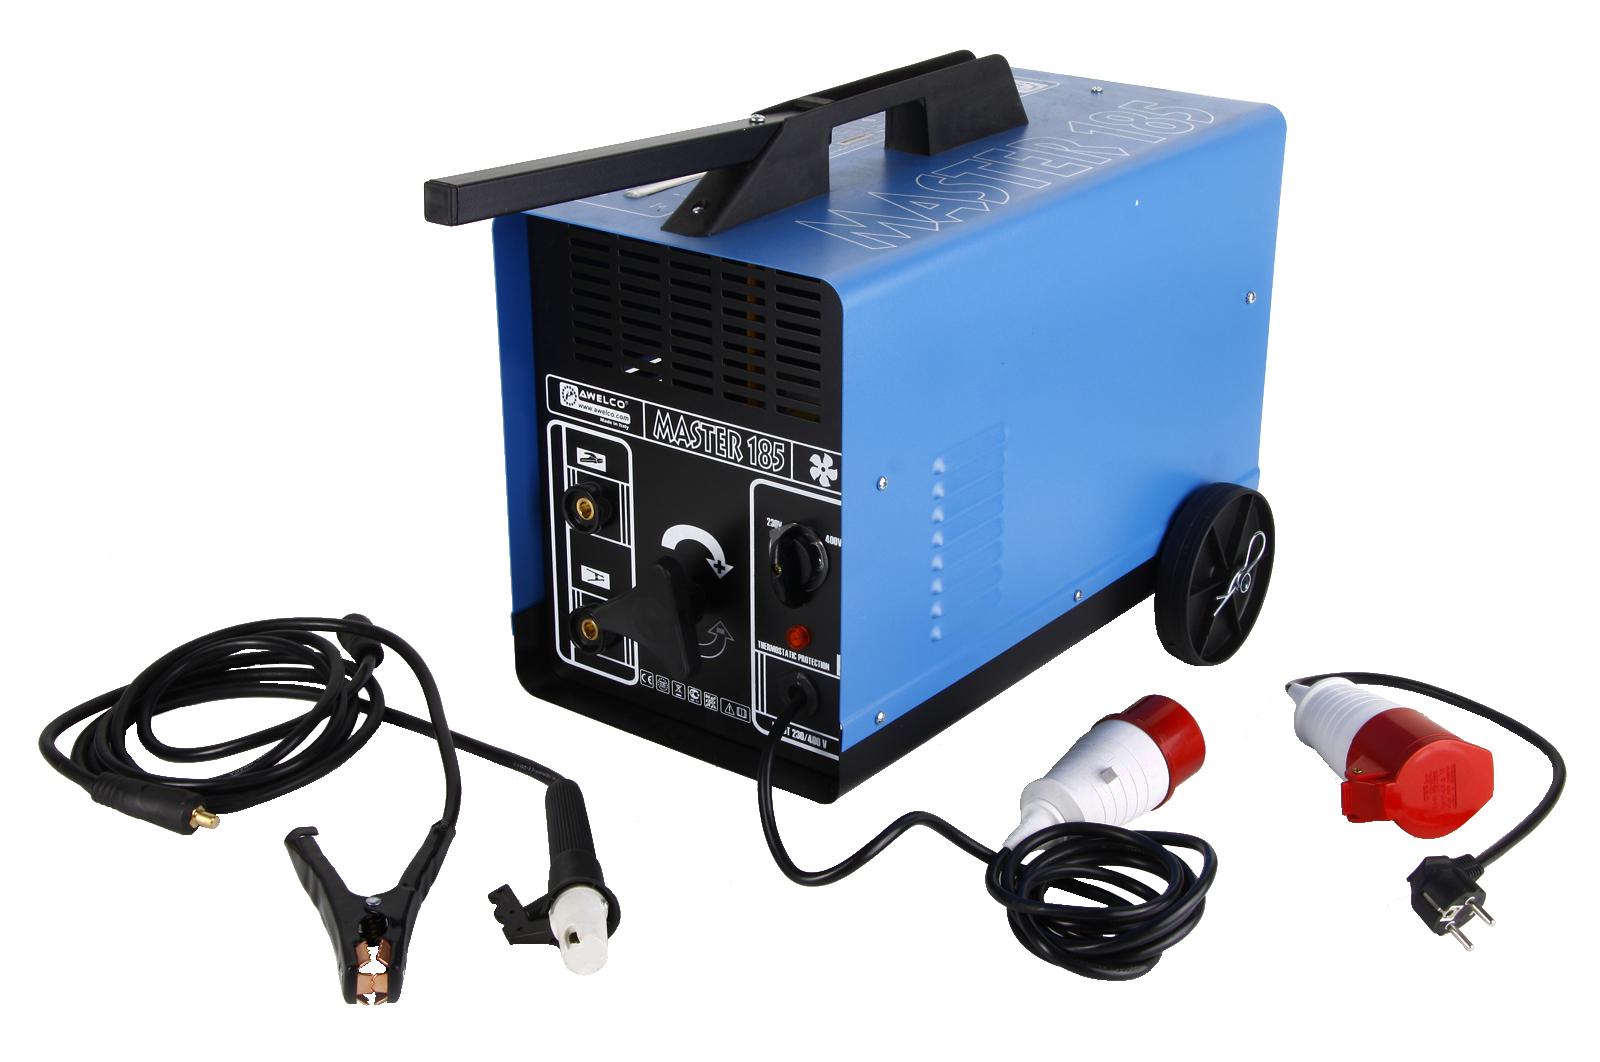 Сварочный трансформатор Awelco Master 185 сварочный трансформатор спец мма 180 ас s